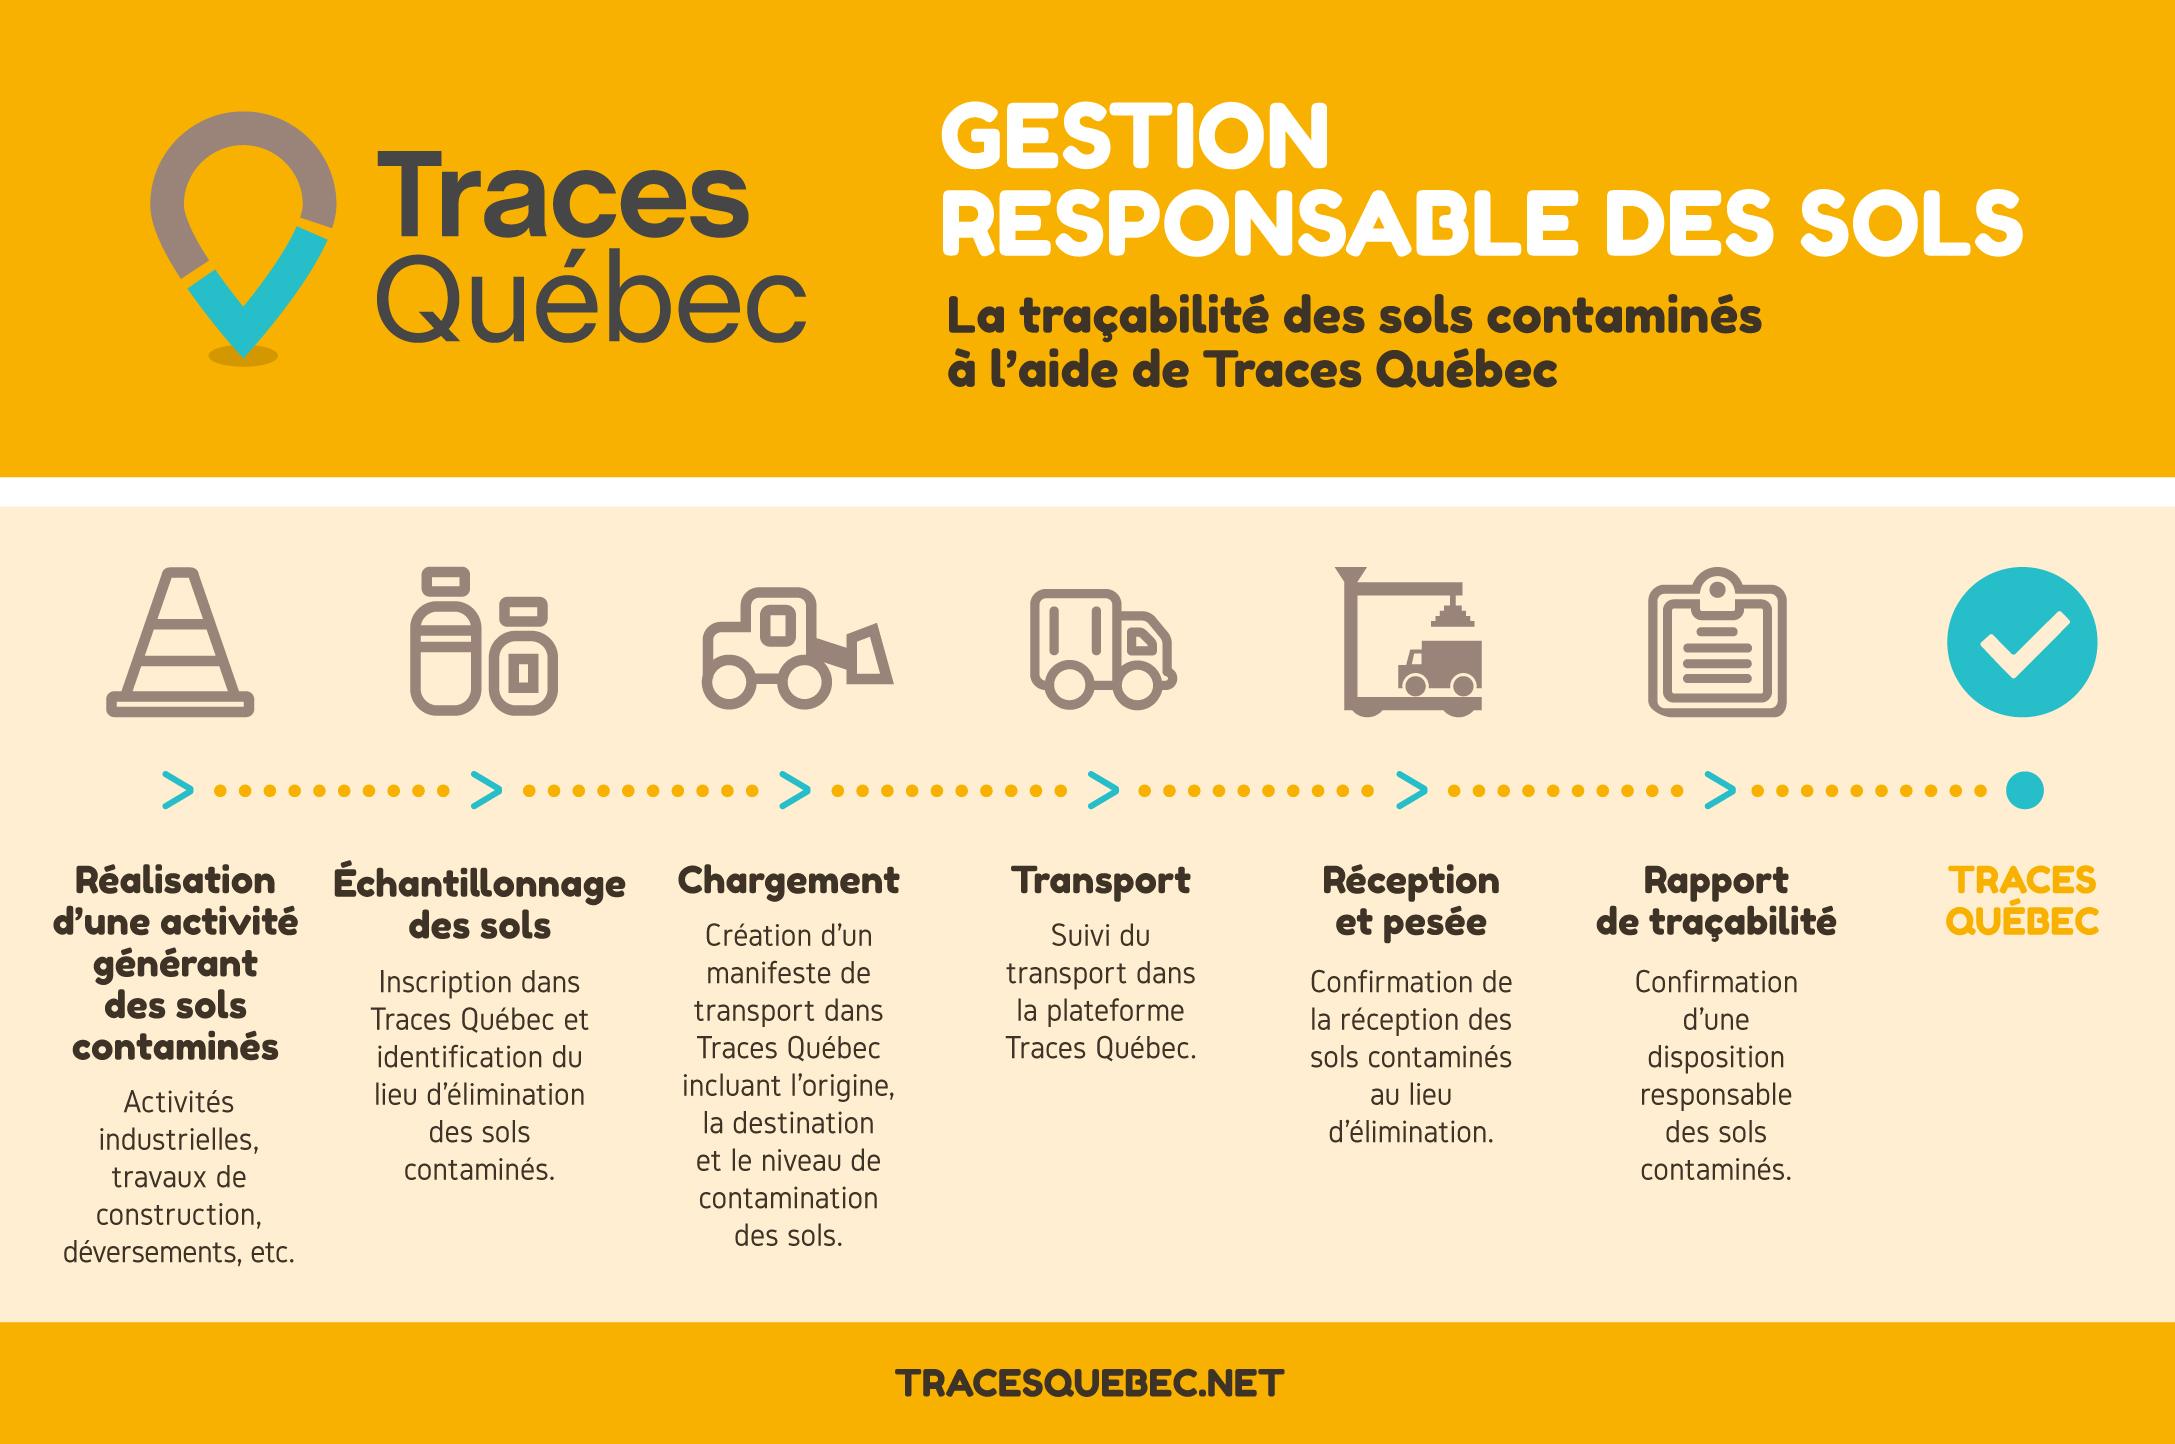 Traces Québec